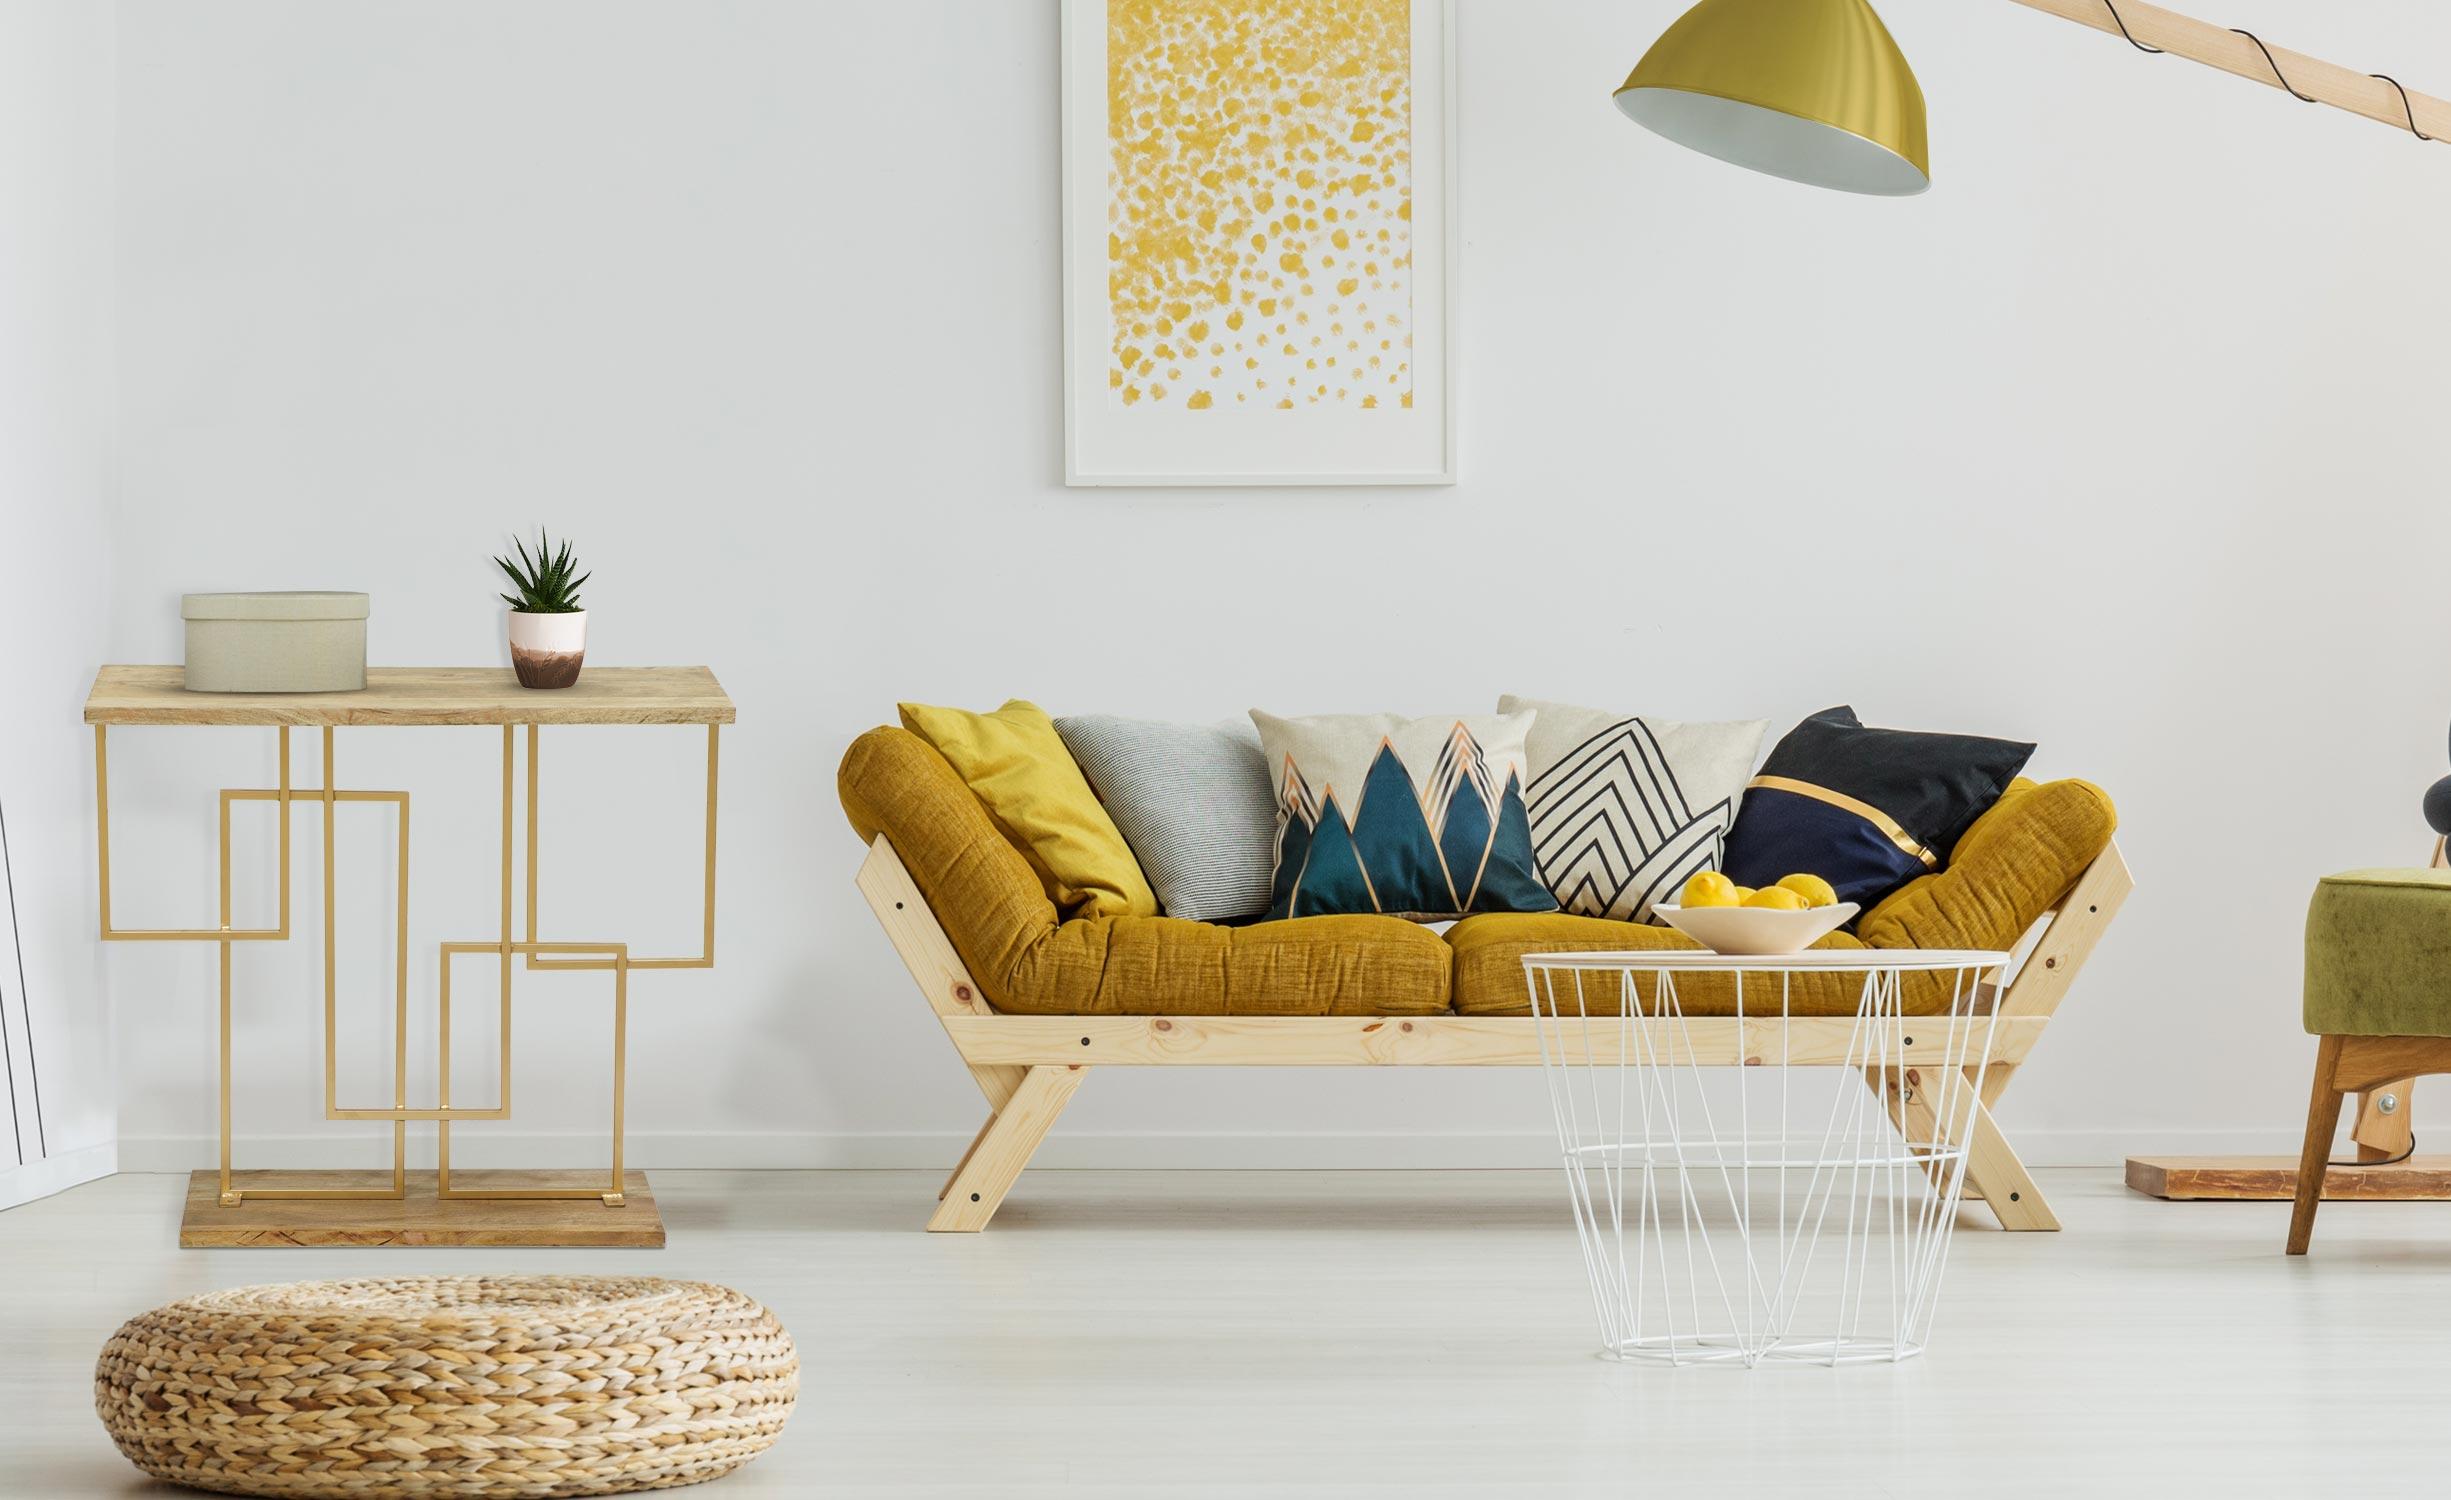 Penta Konsolentisch aus Holz und Goldmetall